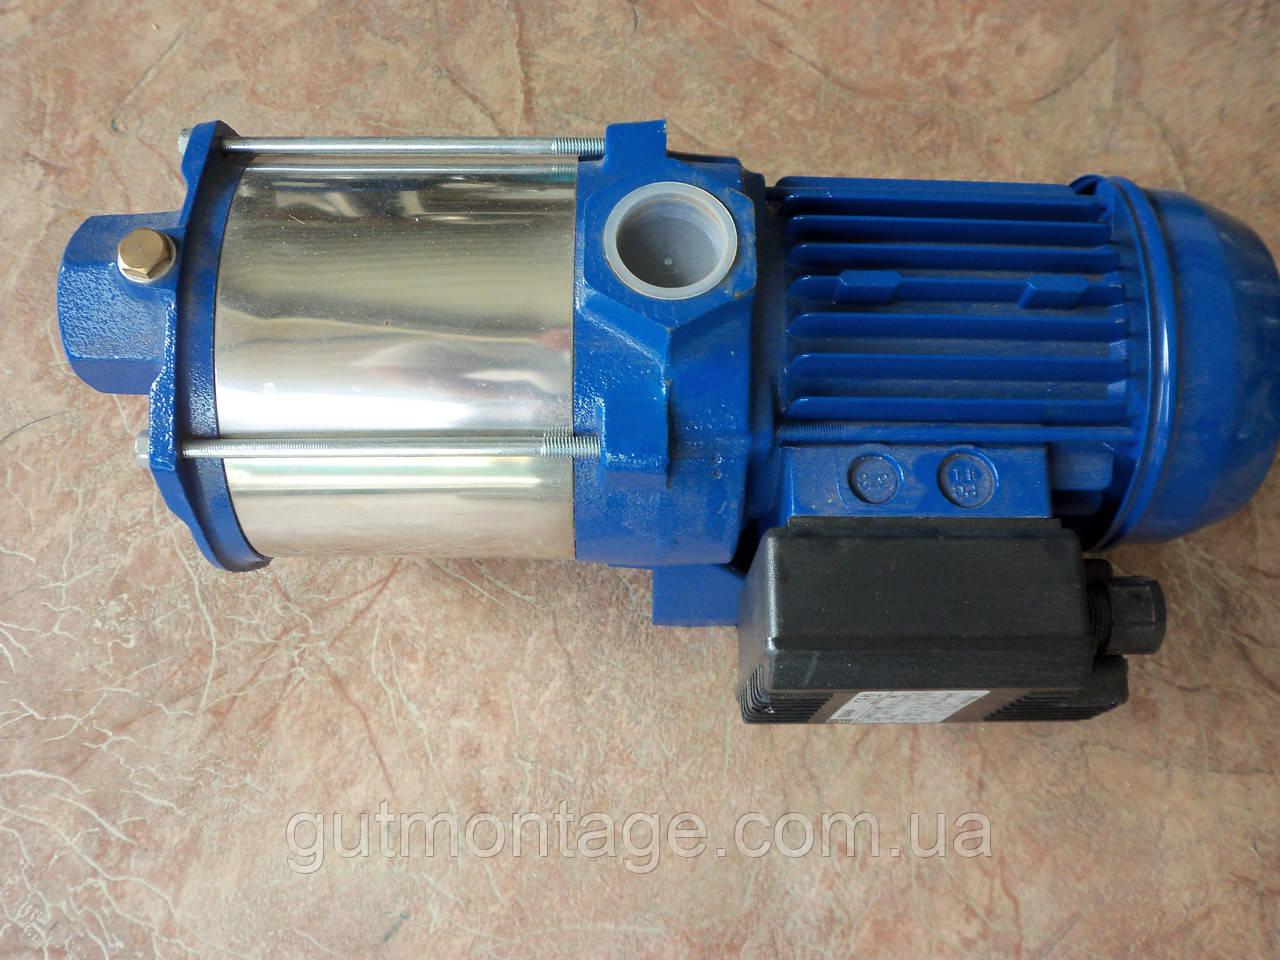 Насос для воды Ebara Италия. Compact AM8. Многоступенчатый насос.